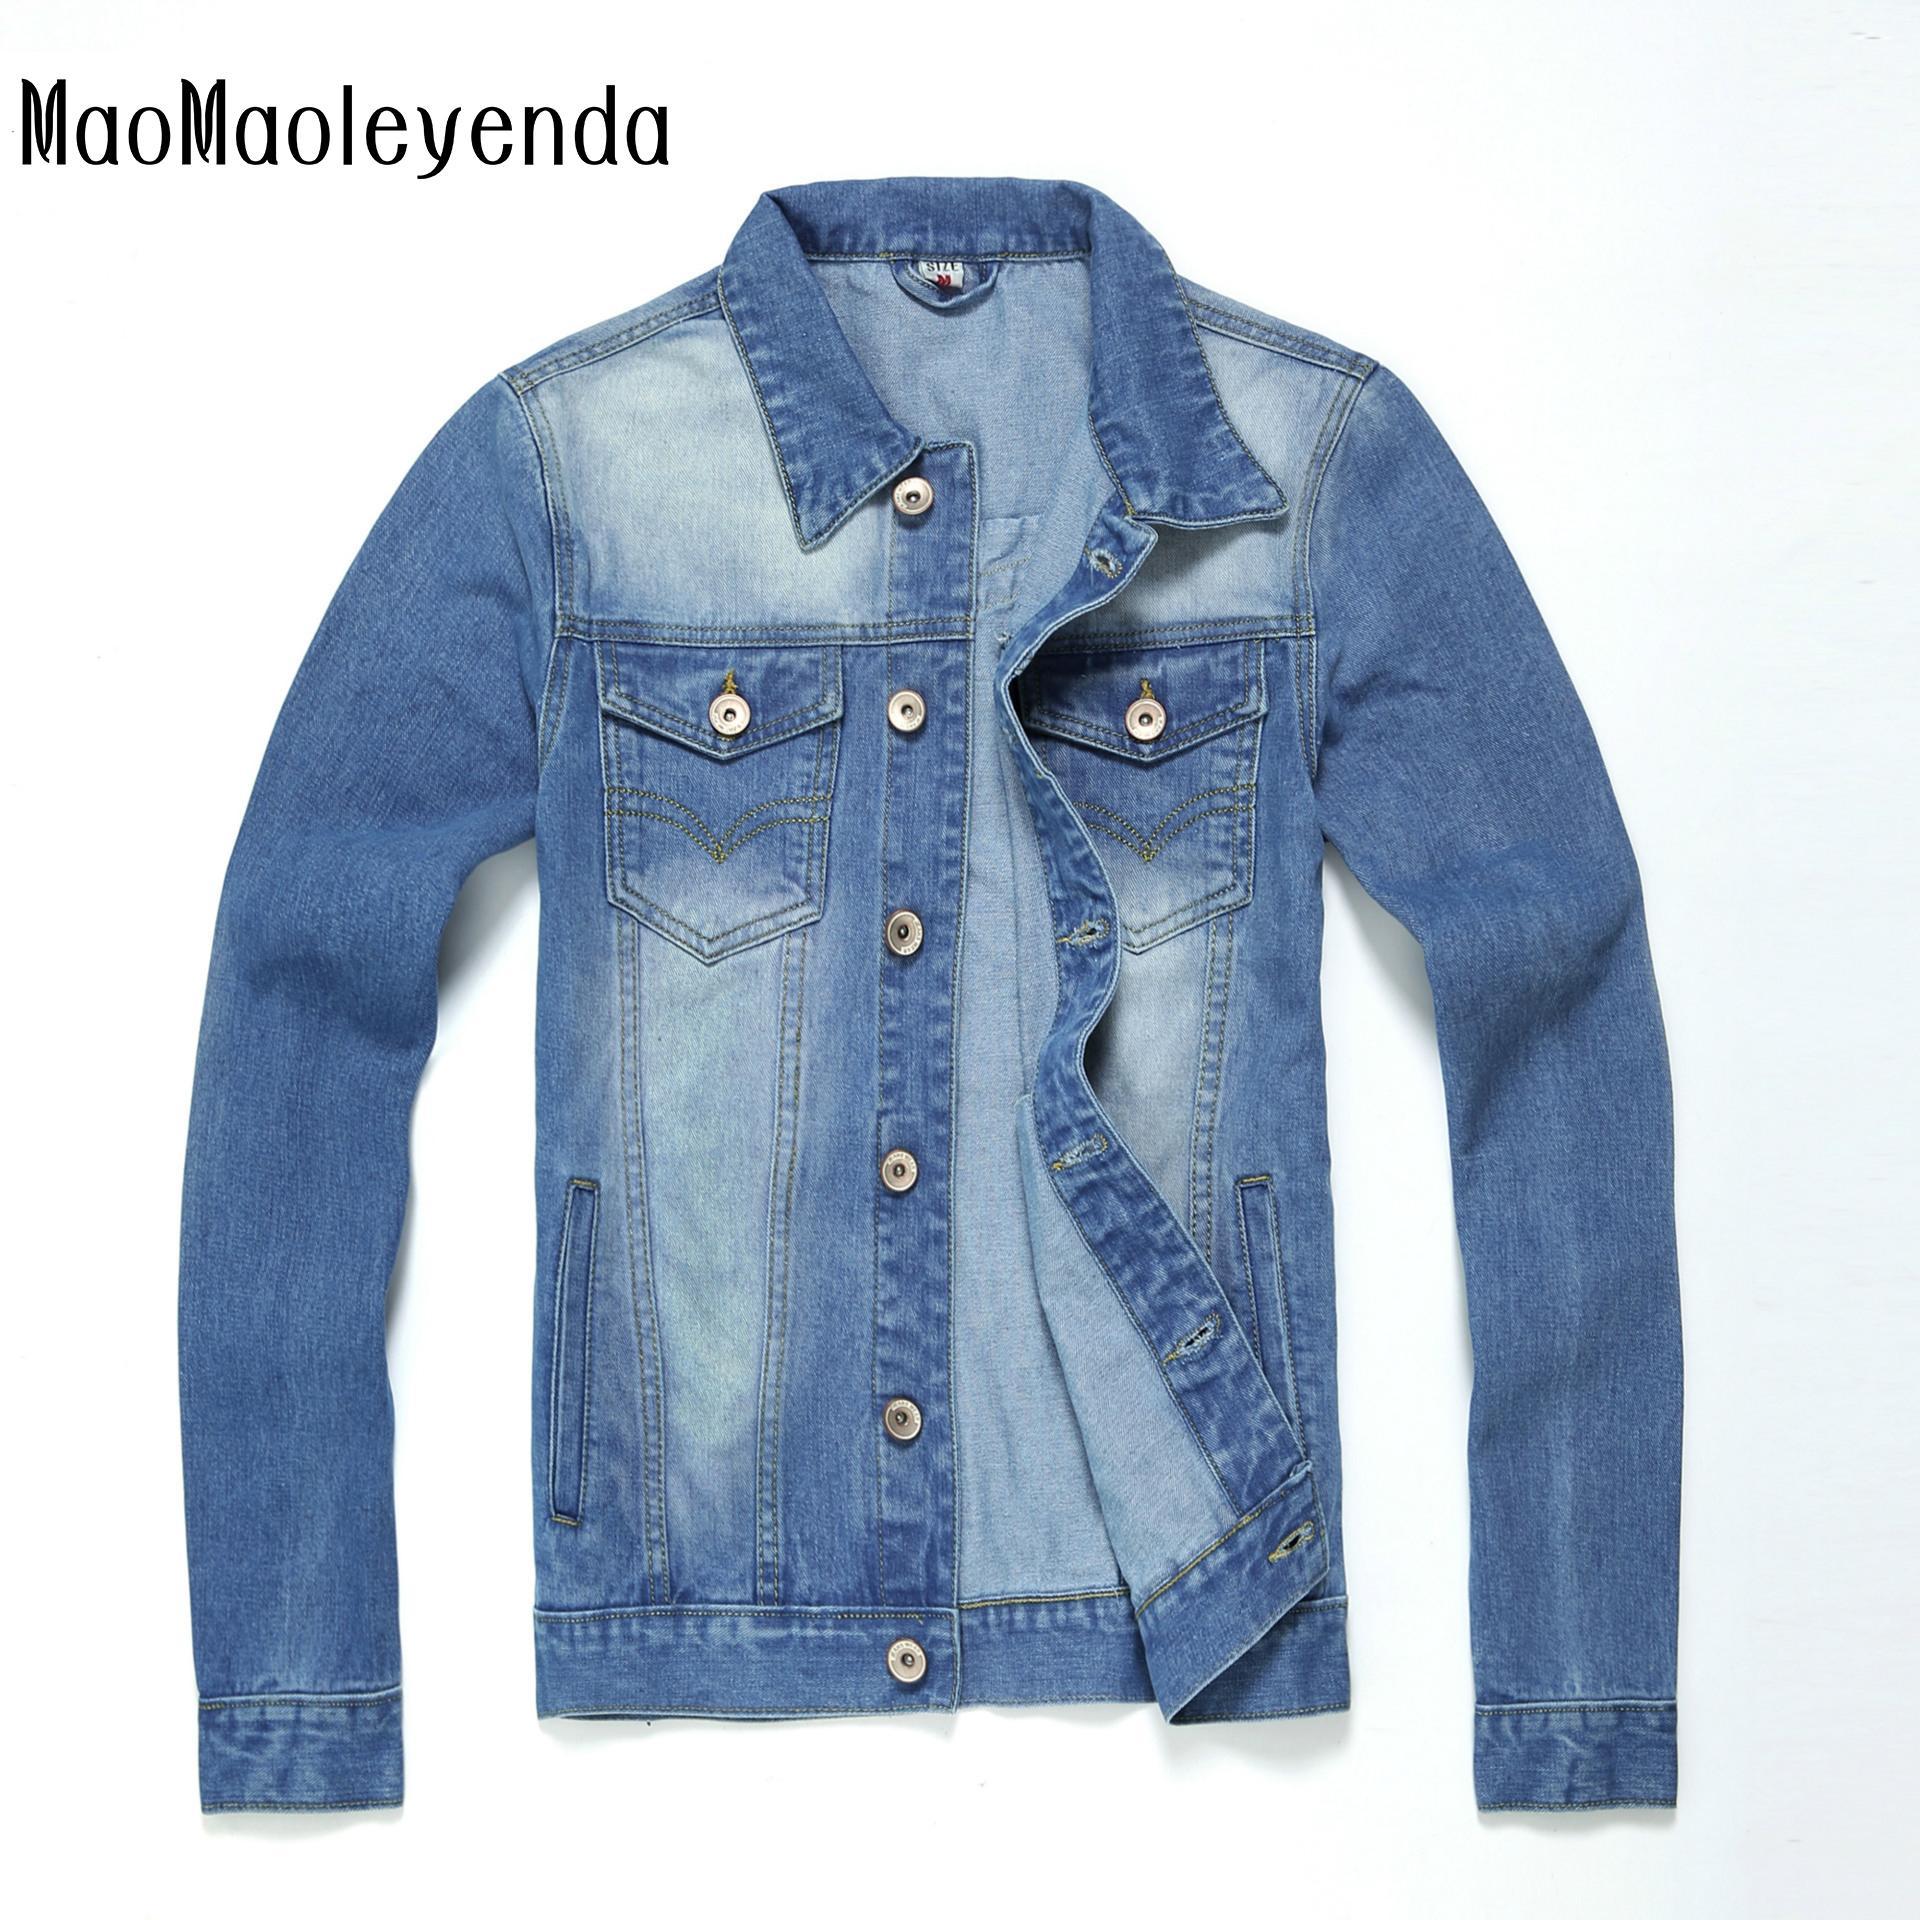 fancy ripped denim jacket outfit men 9